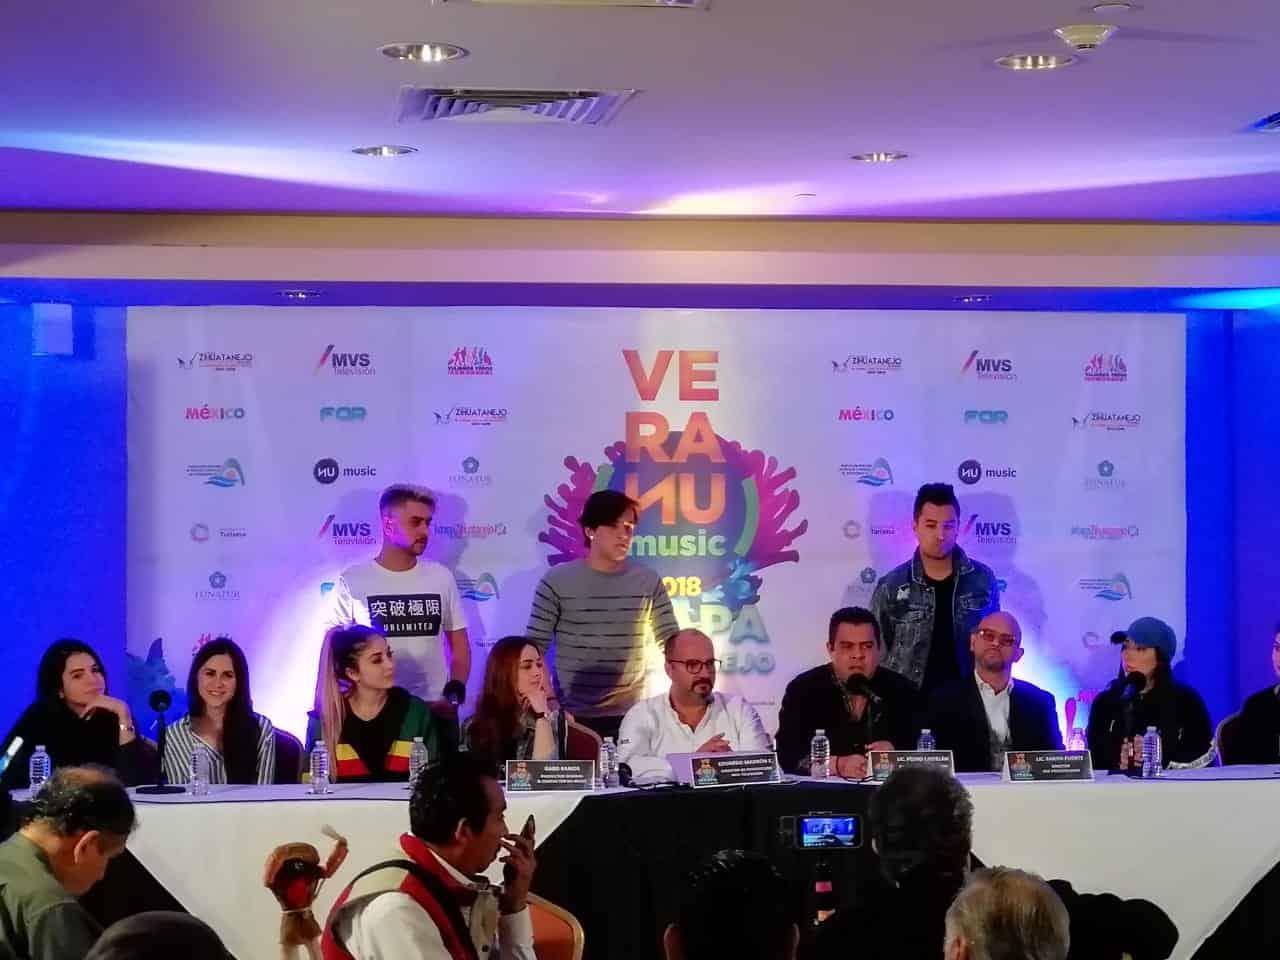 VeraNU Music Ixtapa 2018 anunciamiento del evento